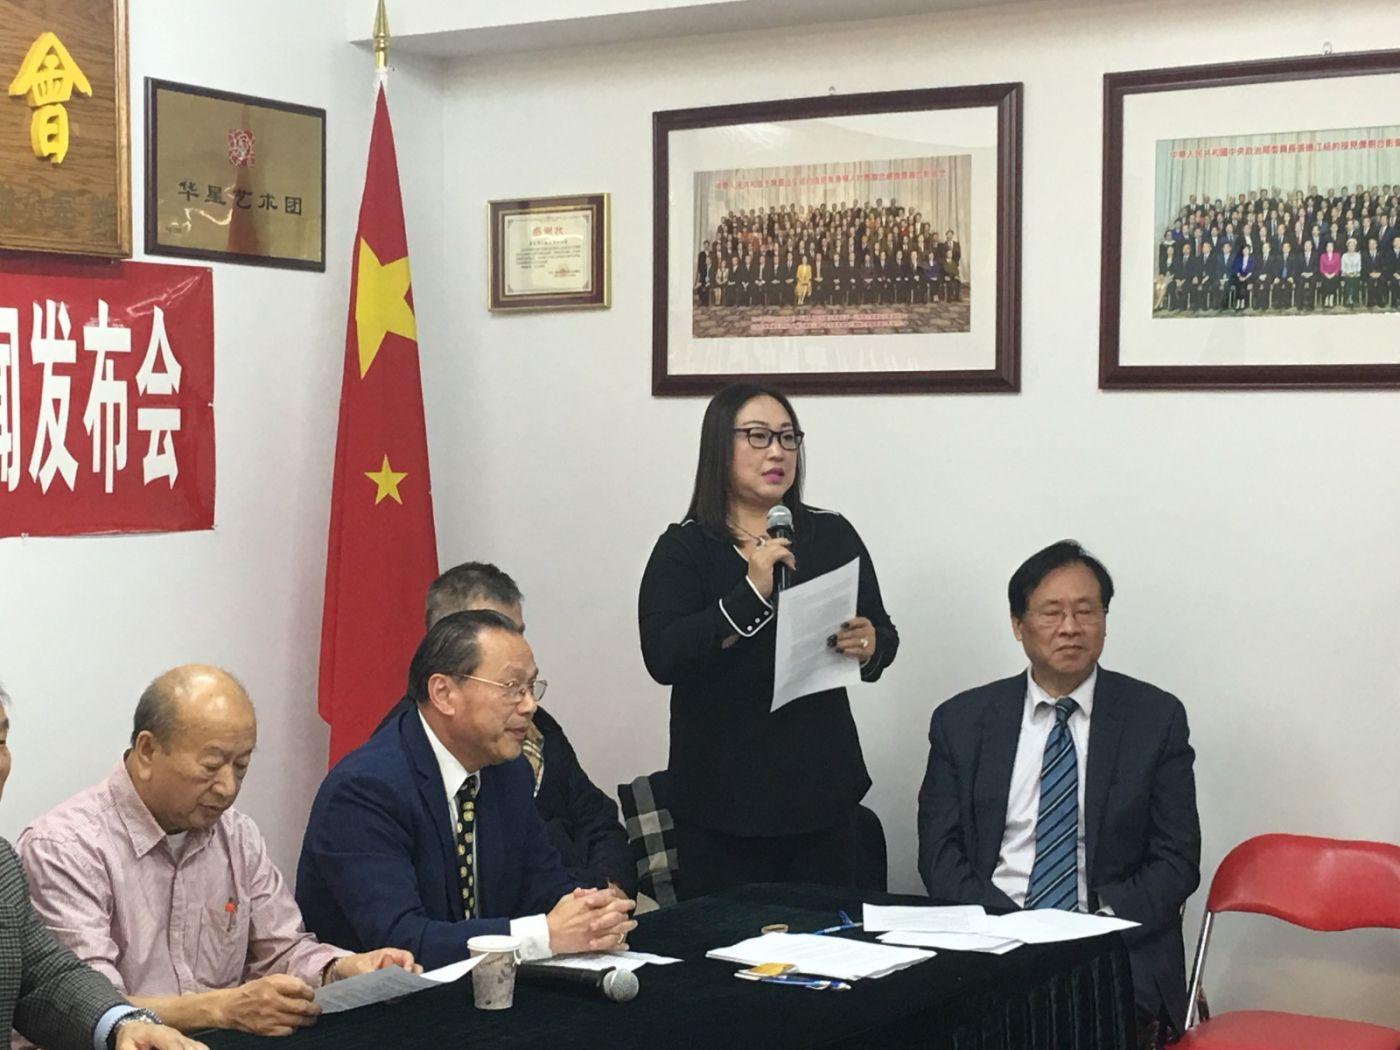 美東各界華僑華人致特朗普總統公開信新聞發佈會_图1-11